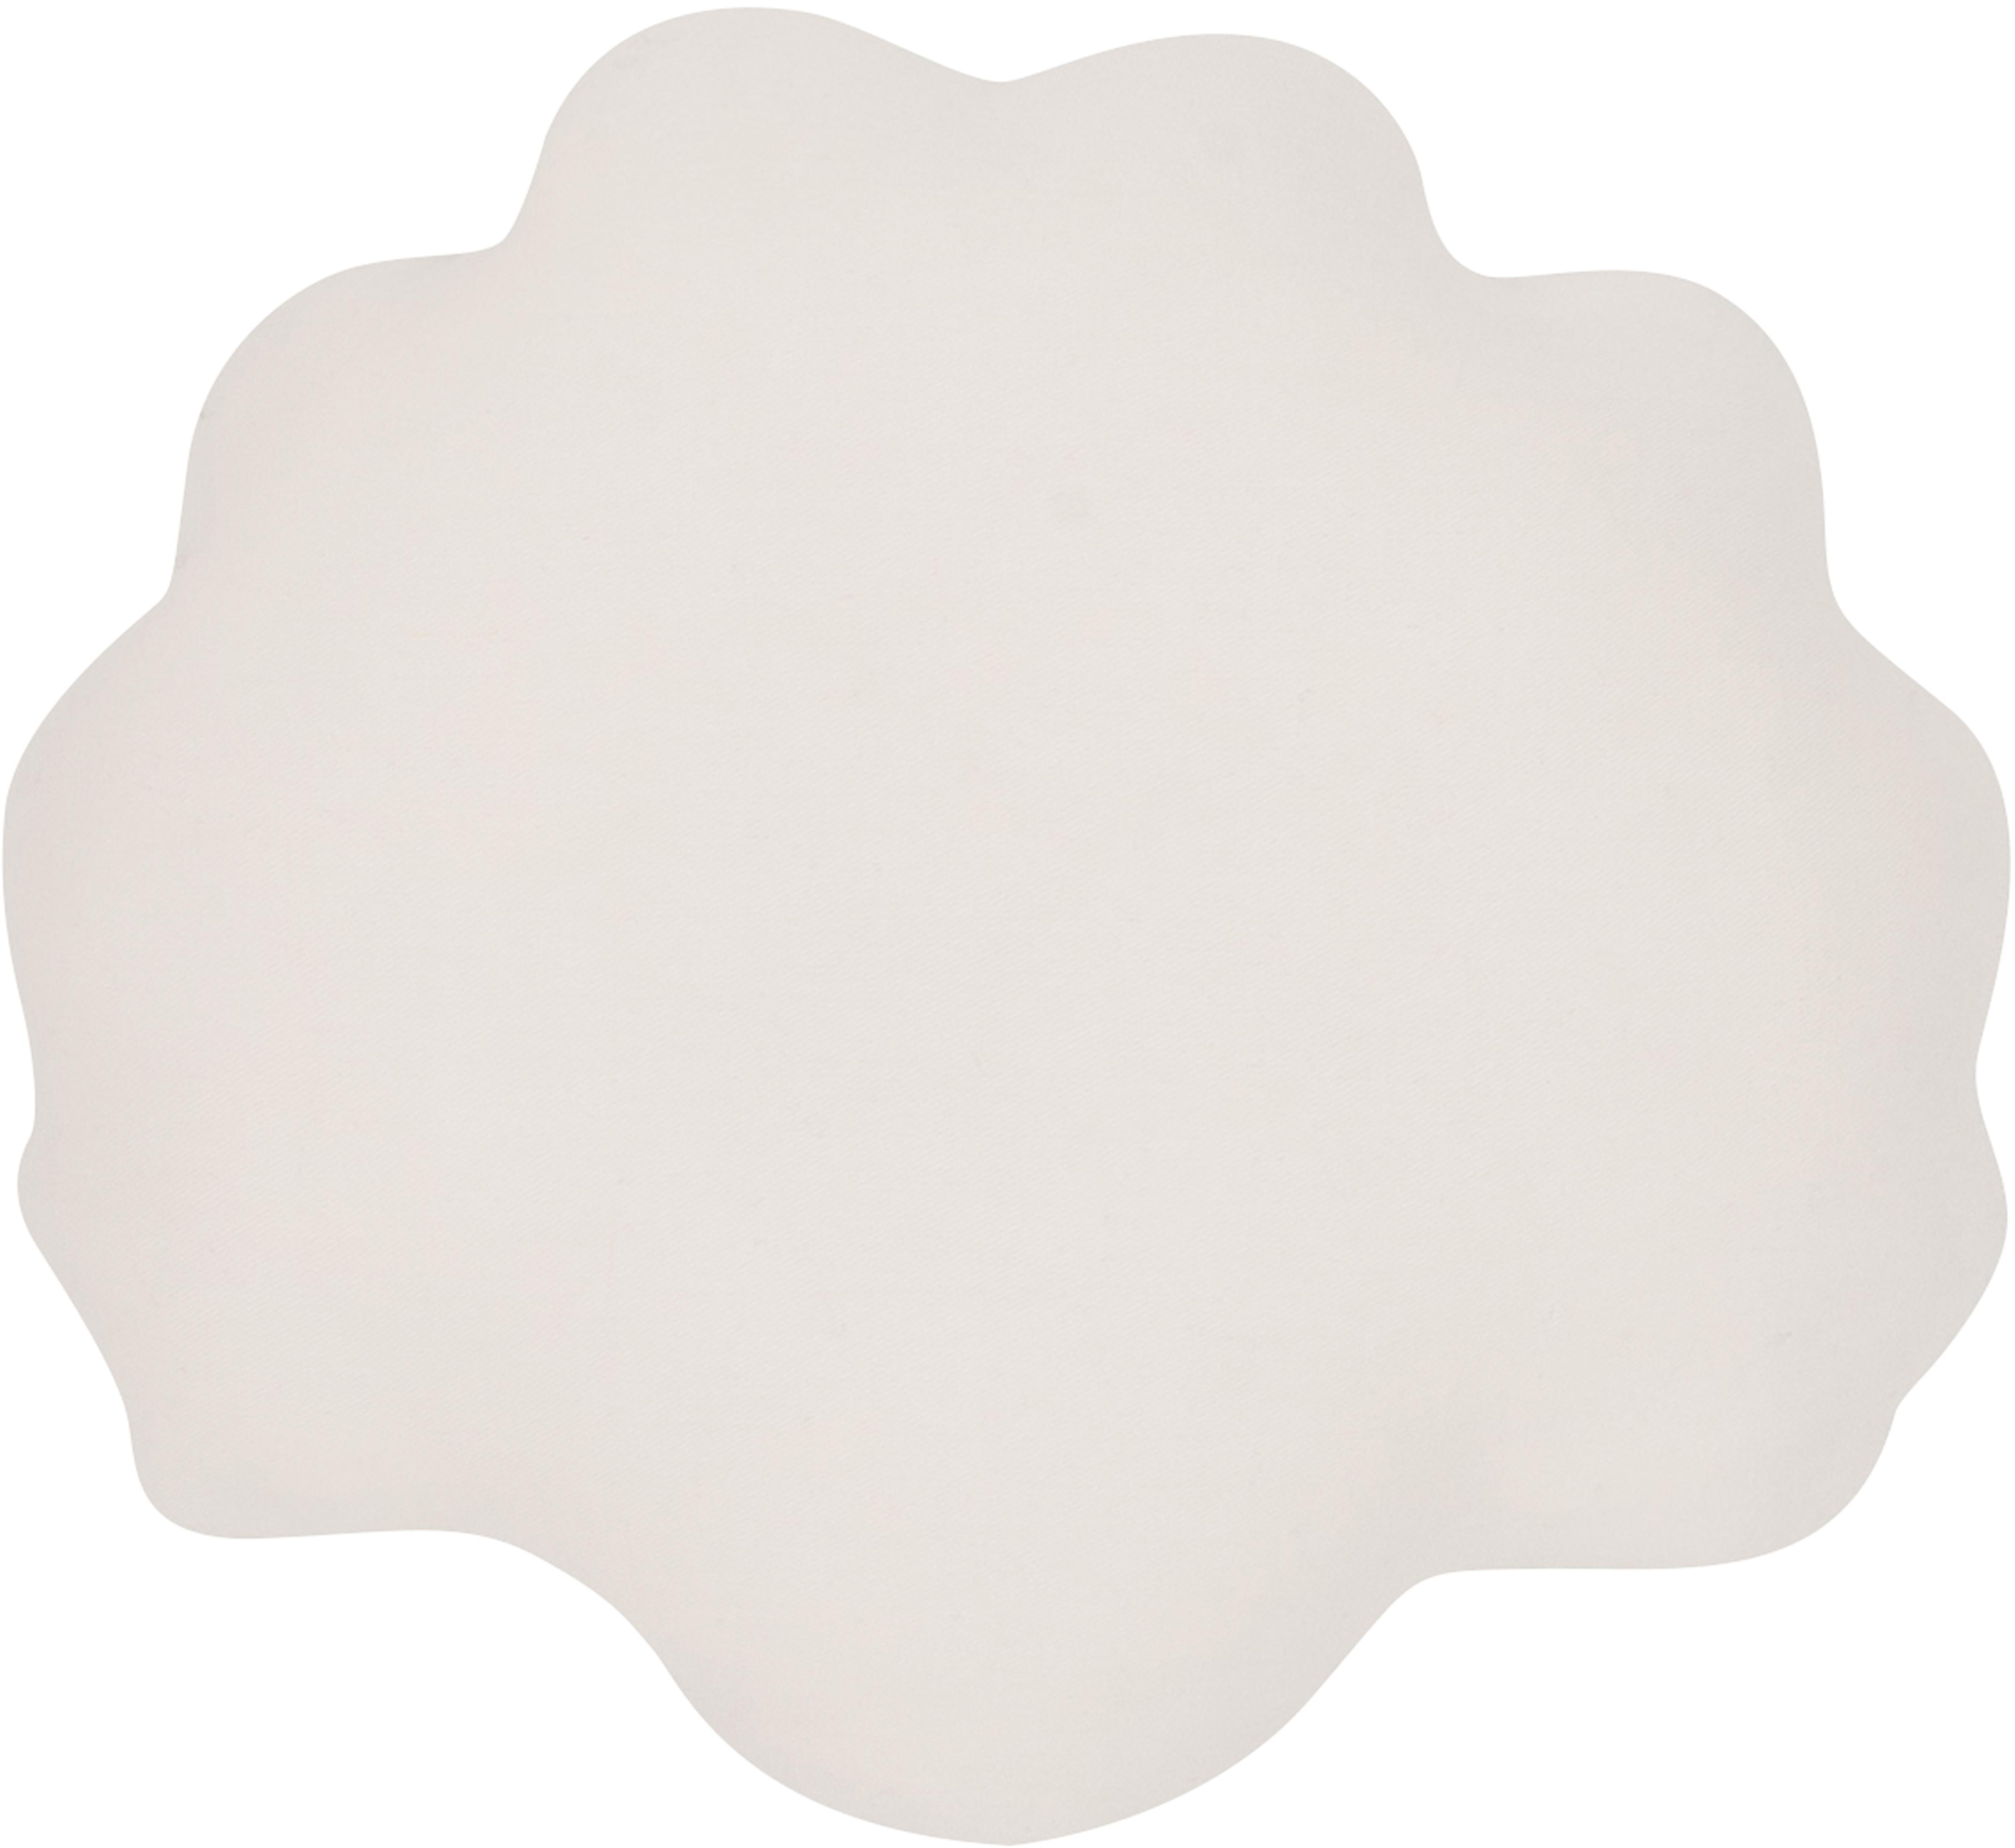 Samtkissen Shell, Vorderseite: 100% Polyestersamt, Rückseite: 100% Baumwolle, Cremeweiß, 28 x 30 cm